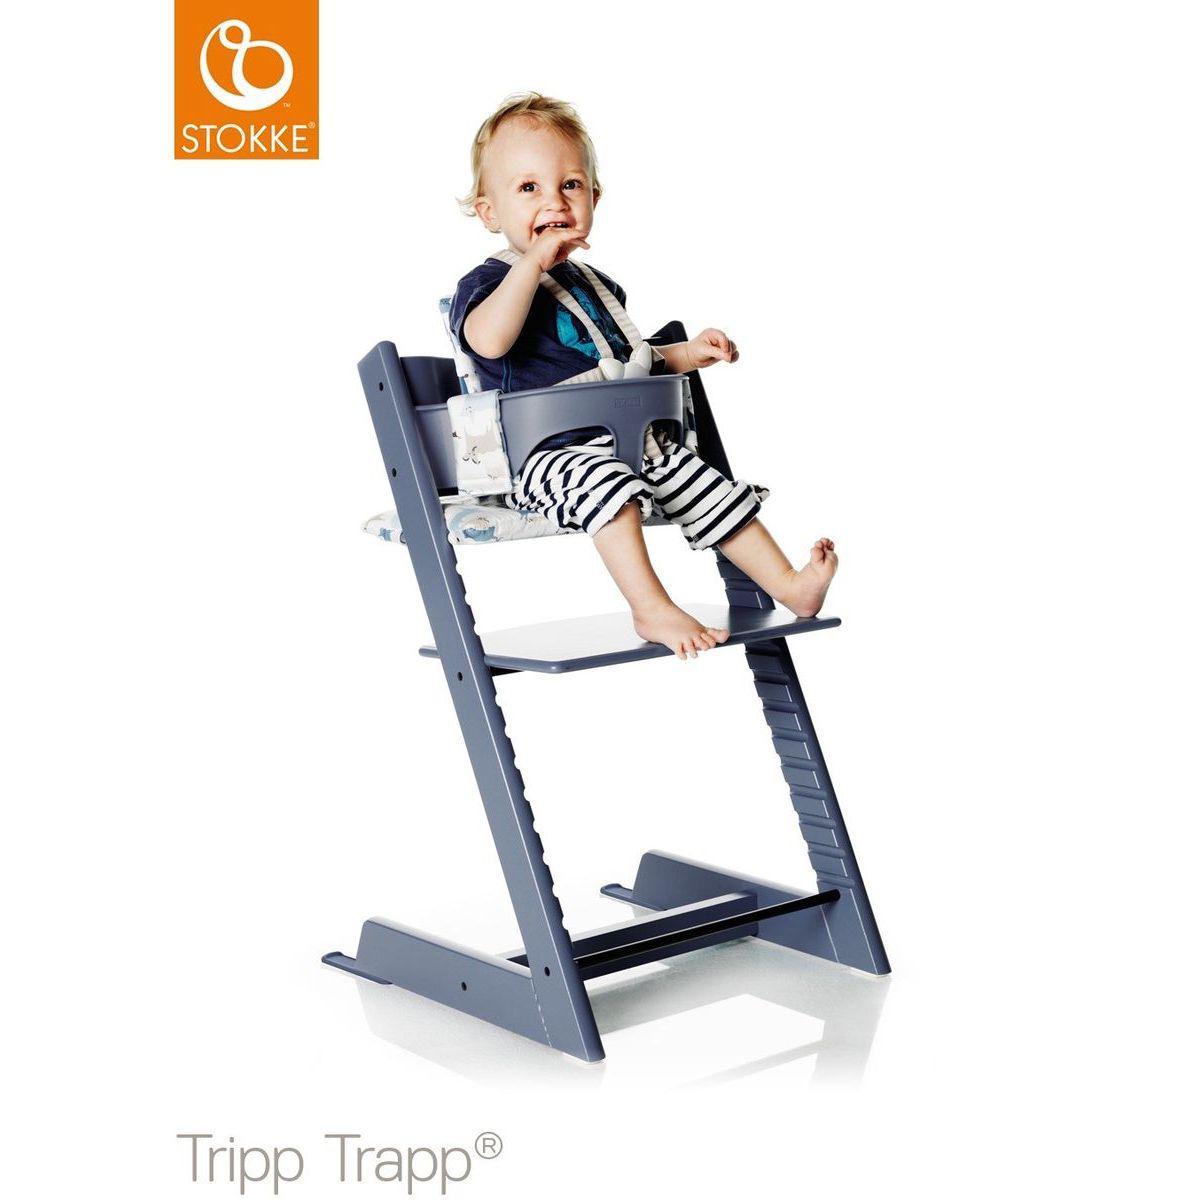 Abitare Kids Fr Harnais Chaise Haute Tripp Trapp Stokke